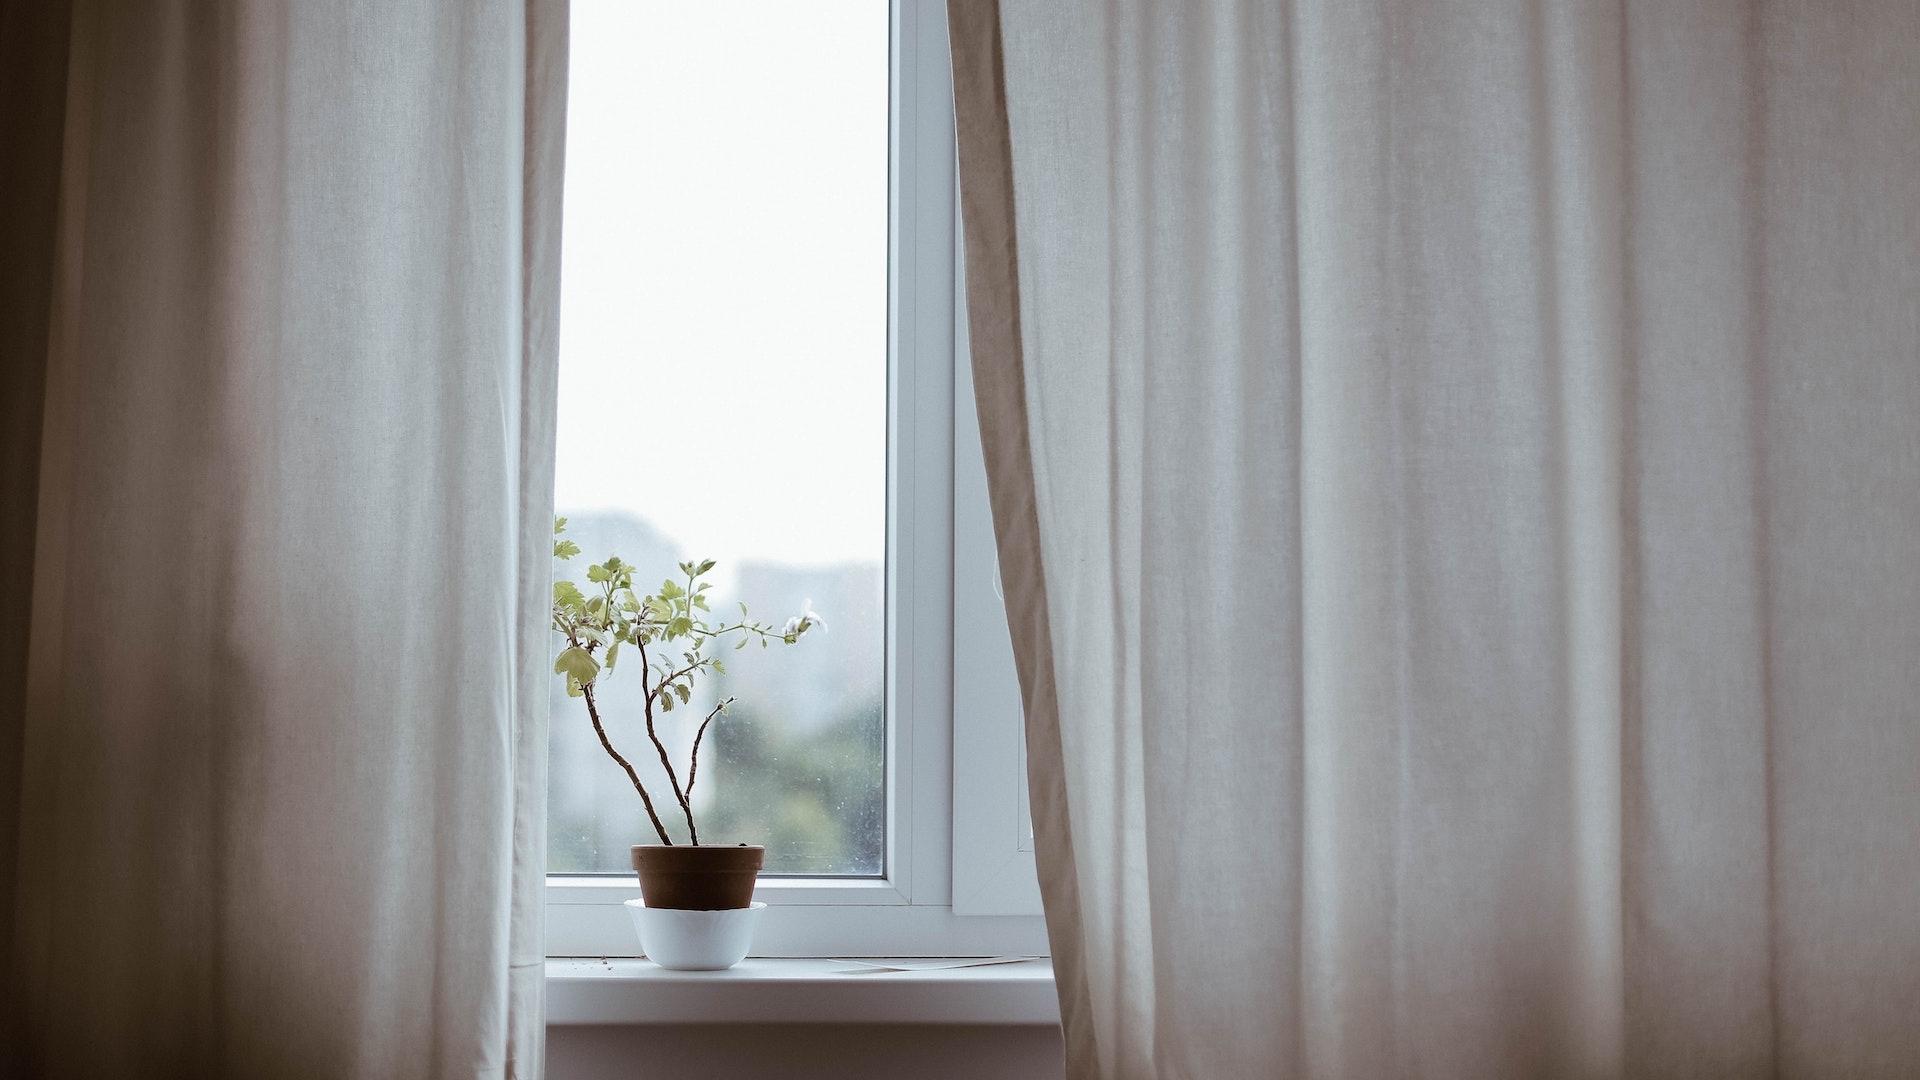 カーテンと窓と植木鉢の無料バーチャル背景素材